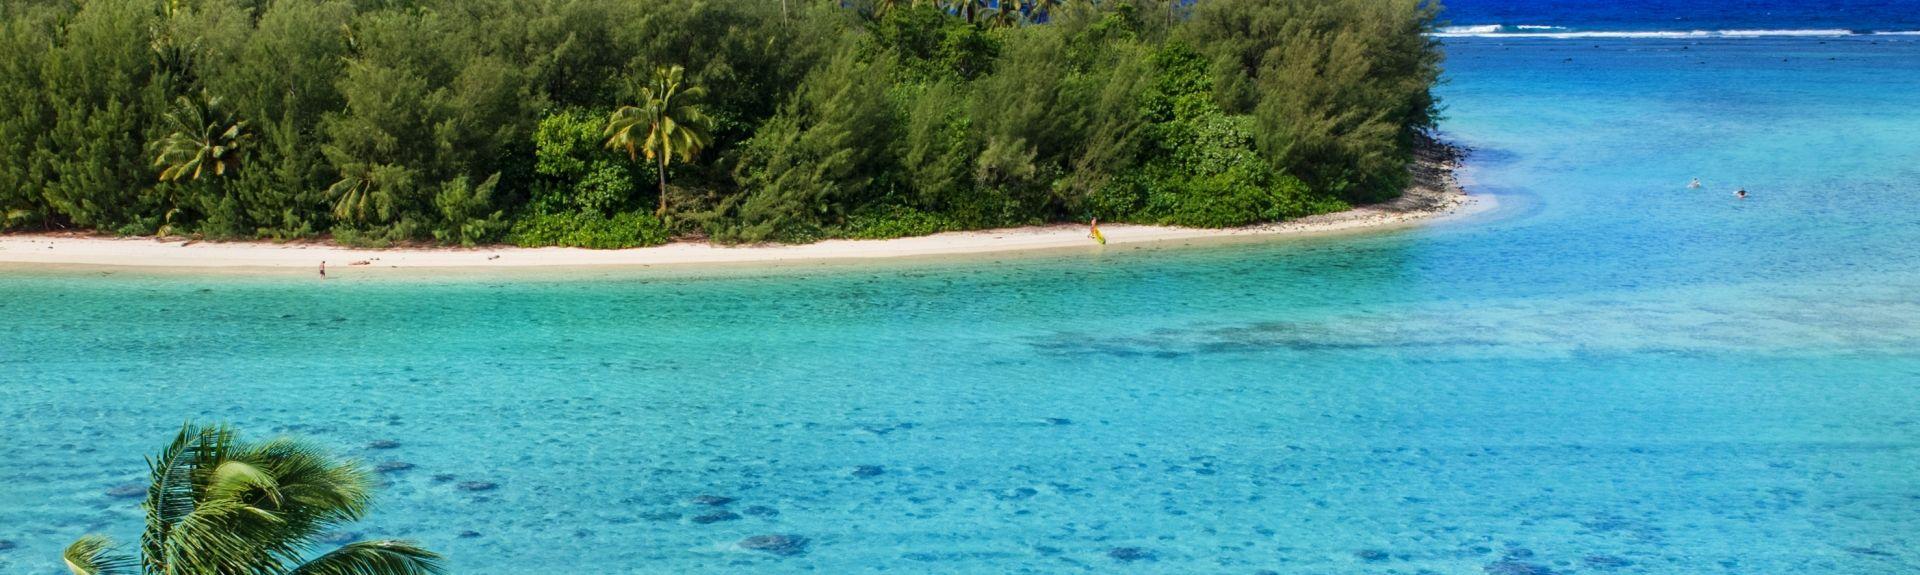 Matavera, Rarotonga, Cook Islands